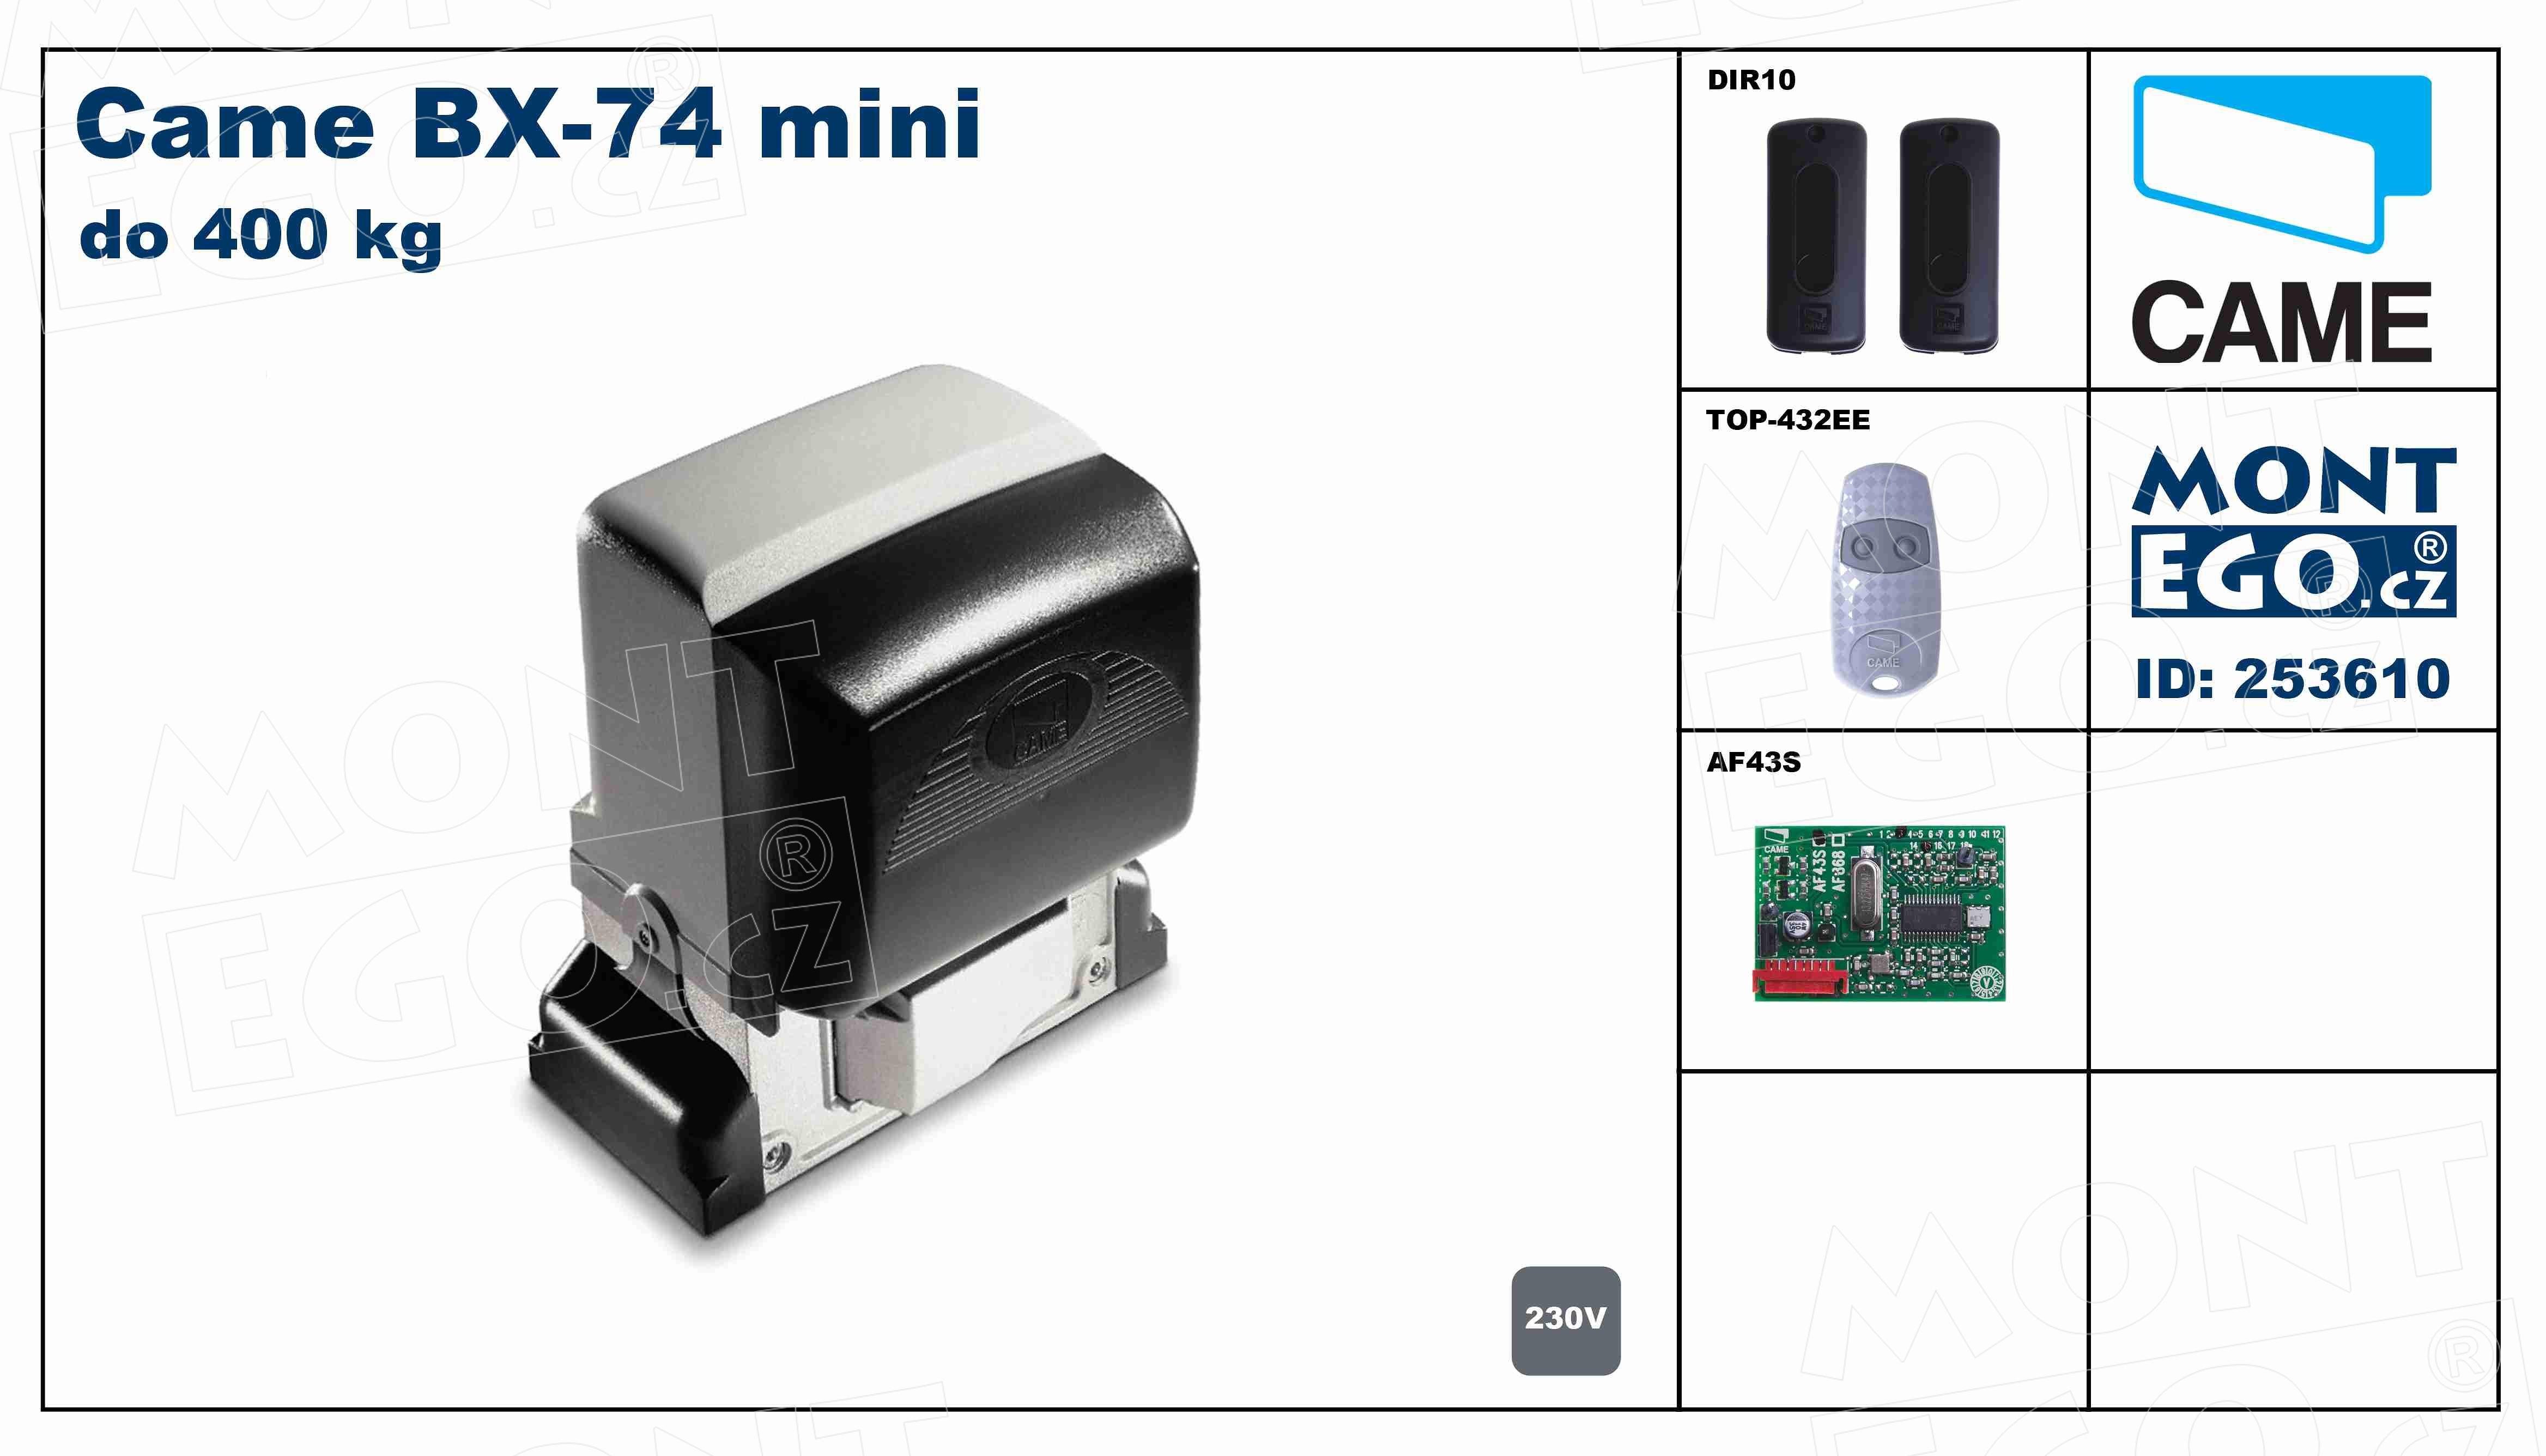 Sada pohonu posuvné brány Came BX-74 mini, set do 400 Kg vč. dálkového ovládání